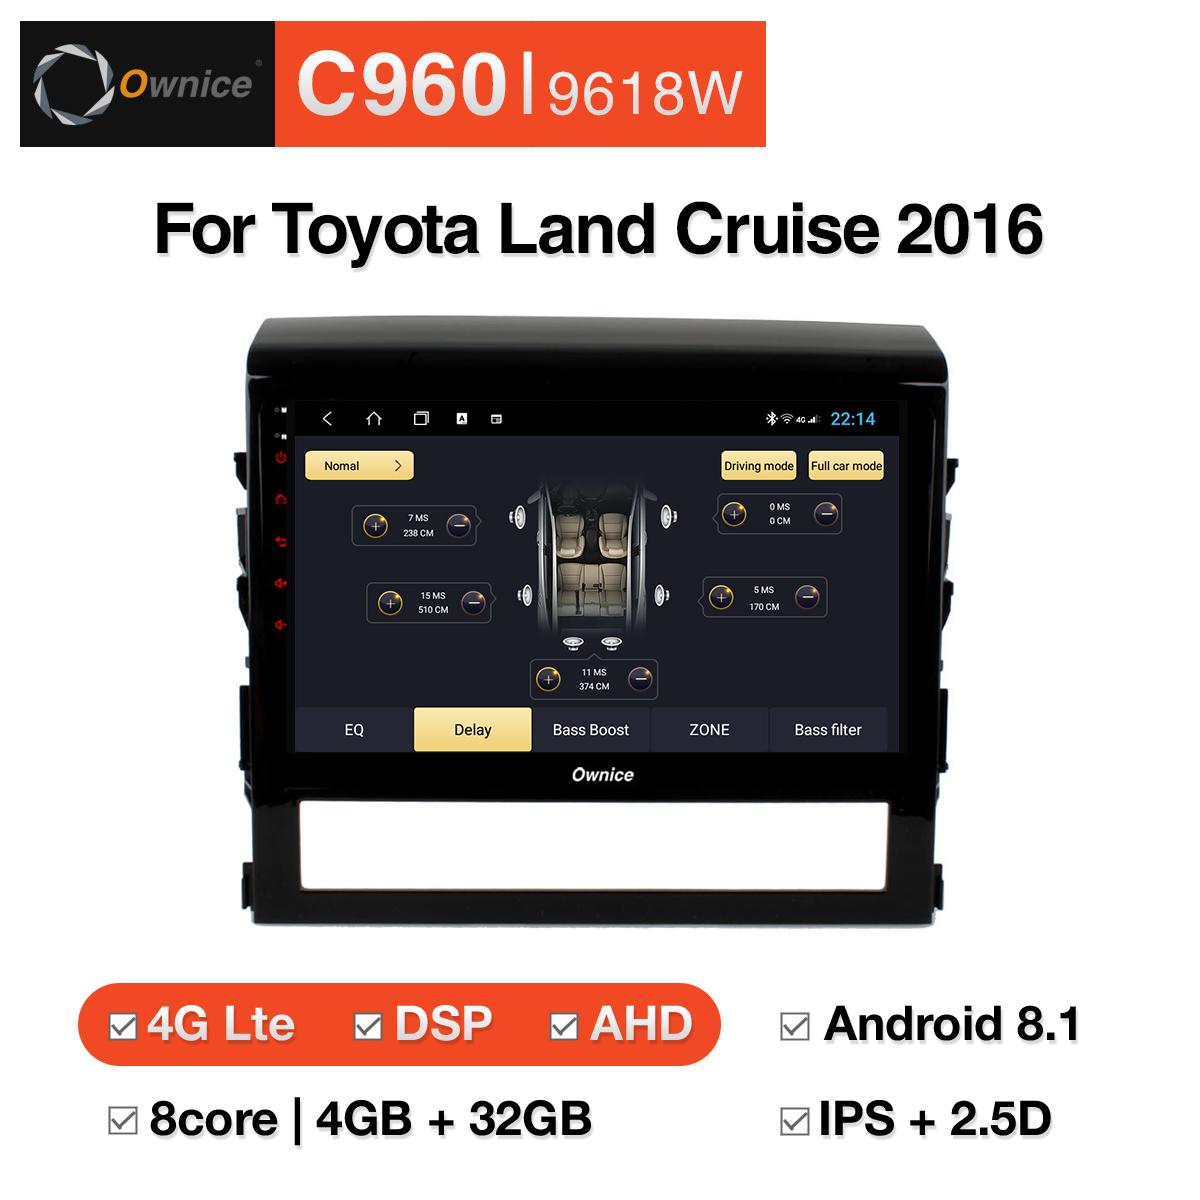 Đầu DVD android Ownice C960 cho xe ô tô Toyota Land Cruise 2016